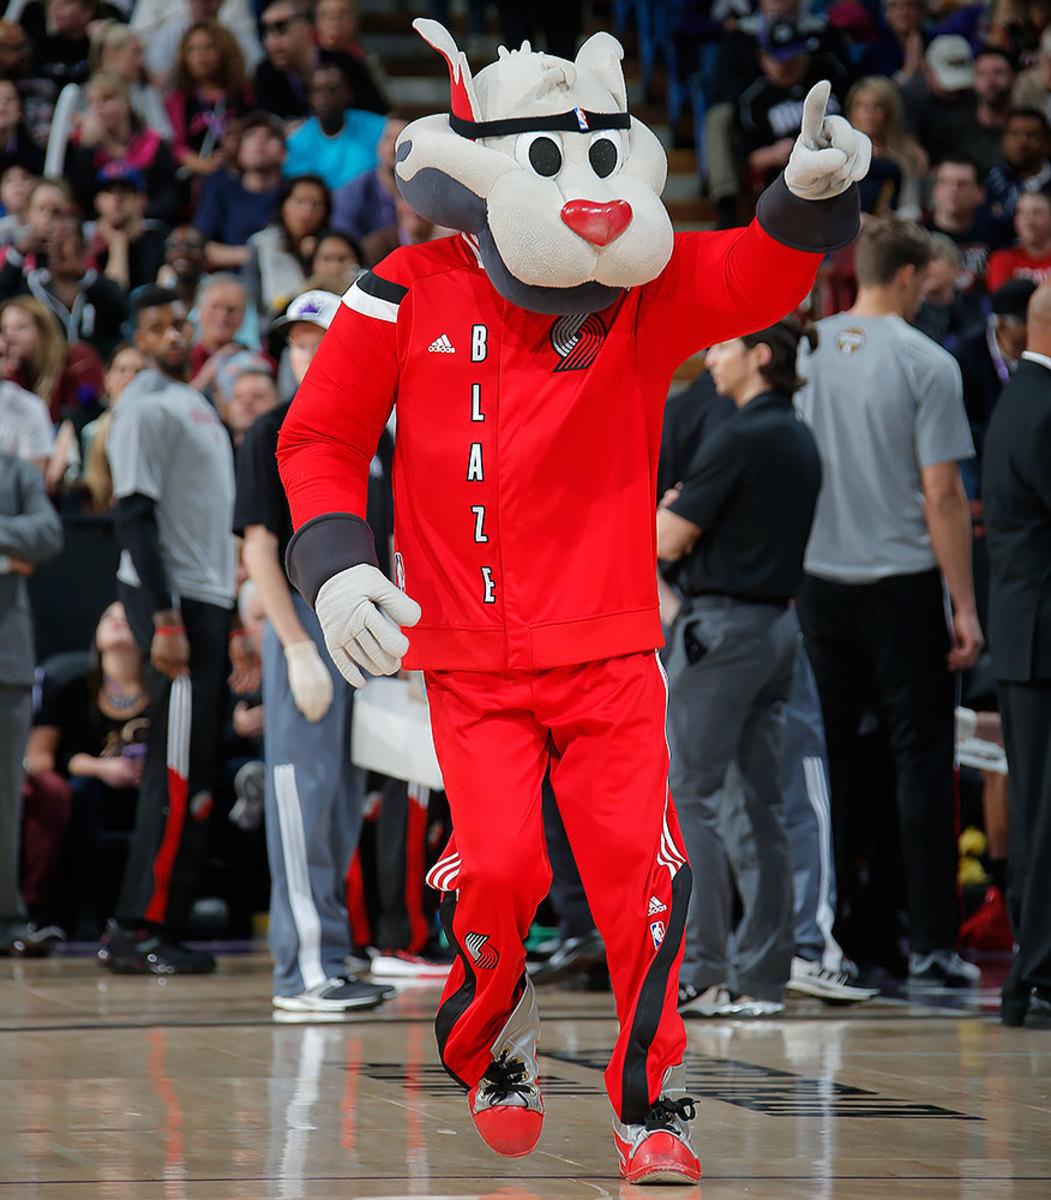 Portland-Trail-Blazers-mascot-Blaze-the-Trail-Cat.jpg